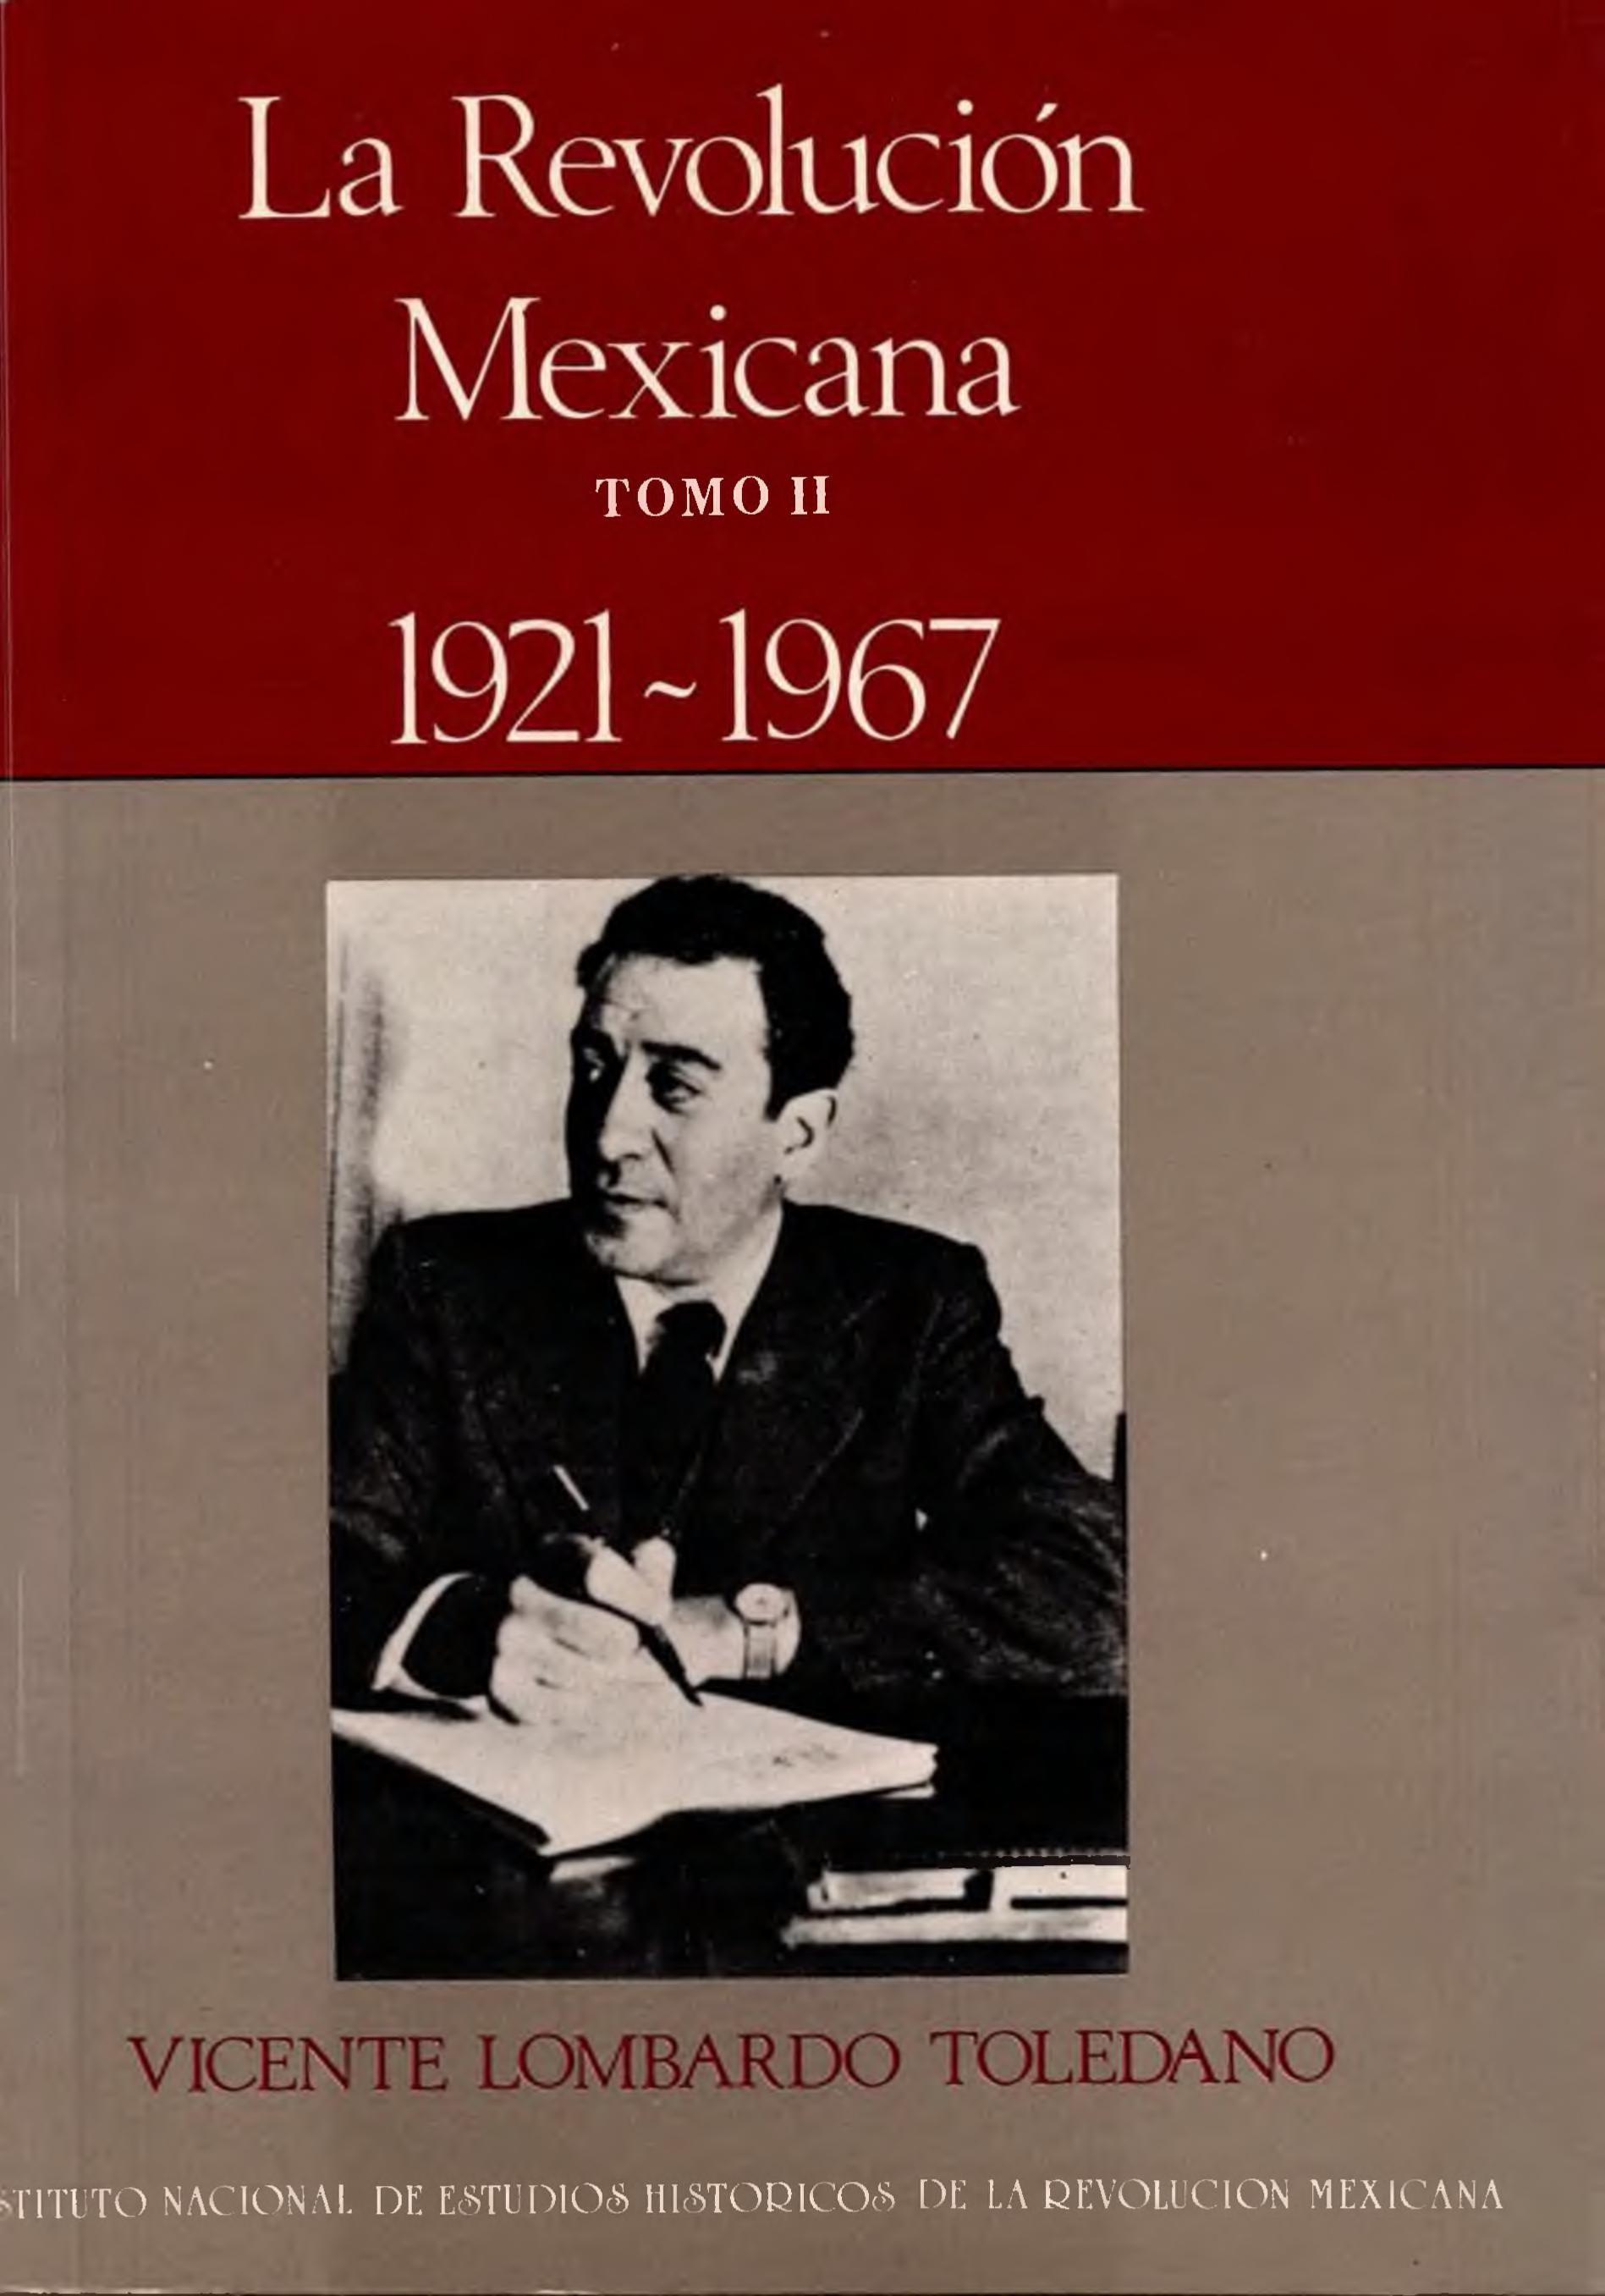 Portada del libro: LA REVOLUCIÓN MEXICANA 1921-1967. TOMO II